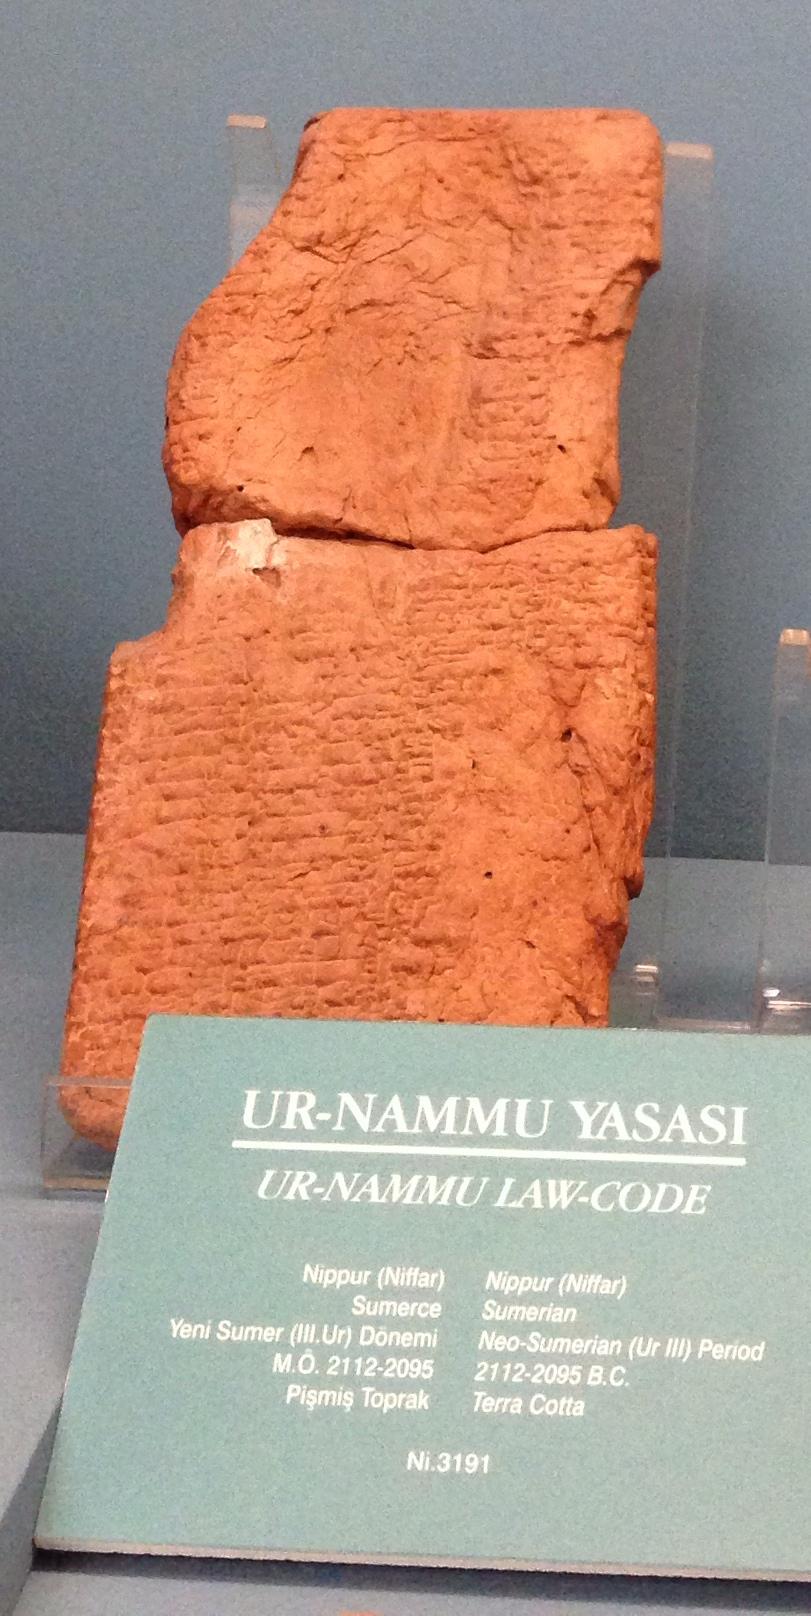 Свод законов шумерского царя Ур-Намму считается старейшей писаной конституцией в мире— возраст глиняных табличек превышает 4 тыс. лет